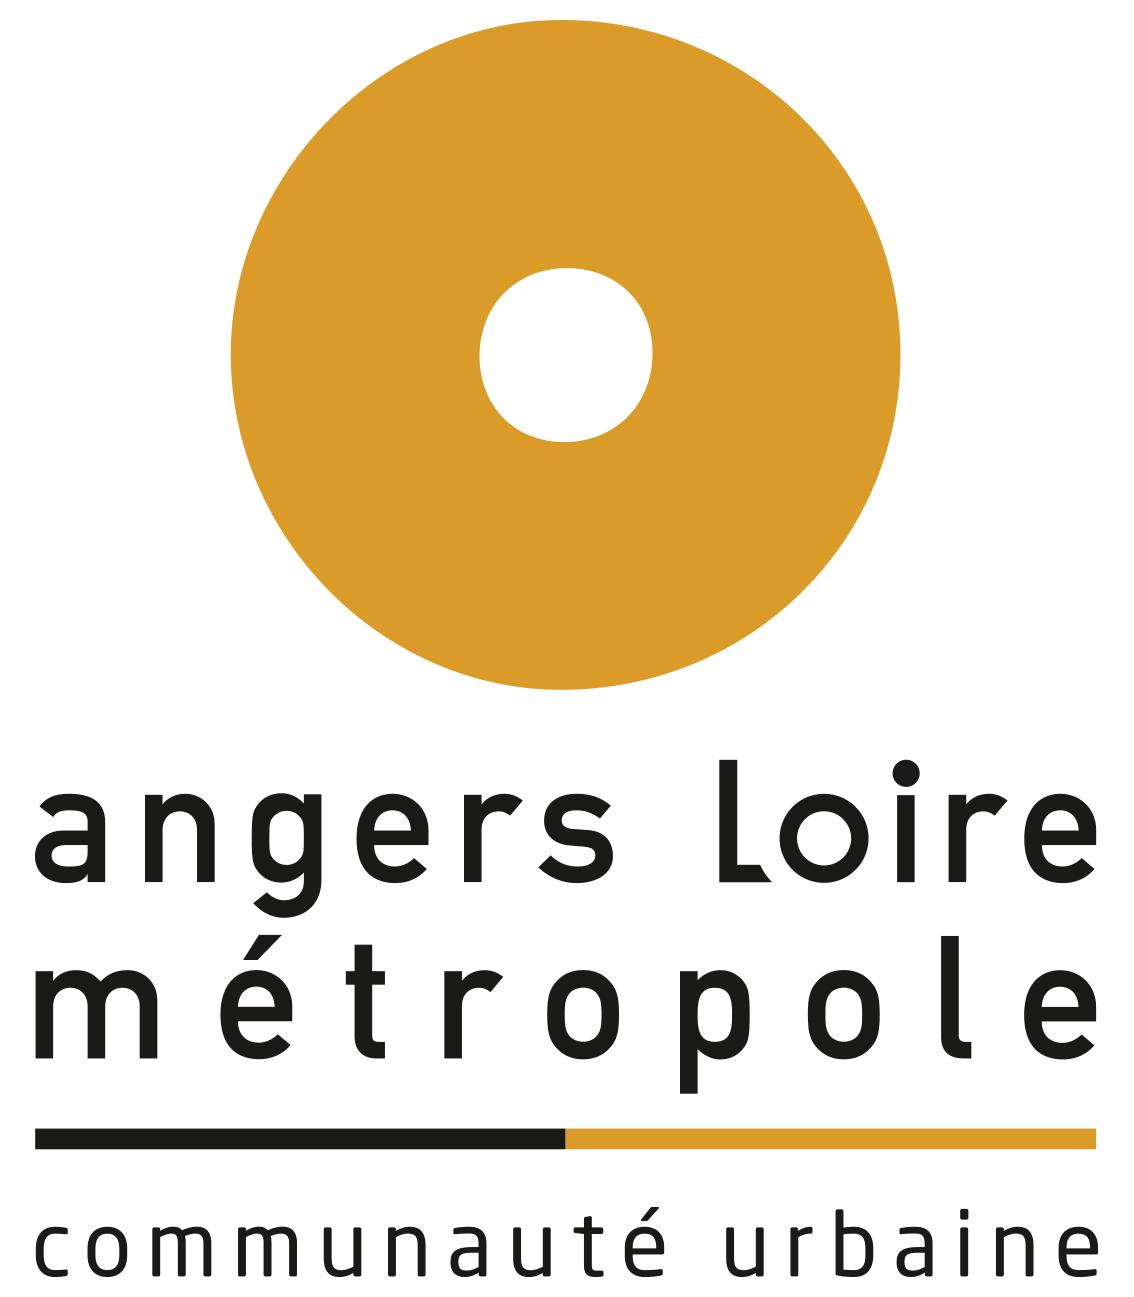 Angers Loire Métropole